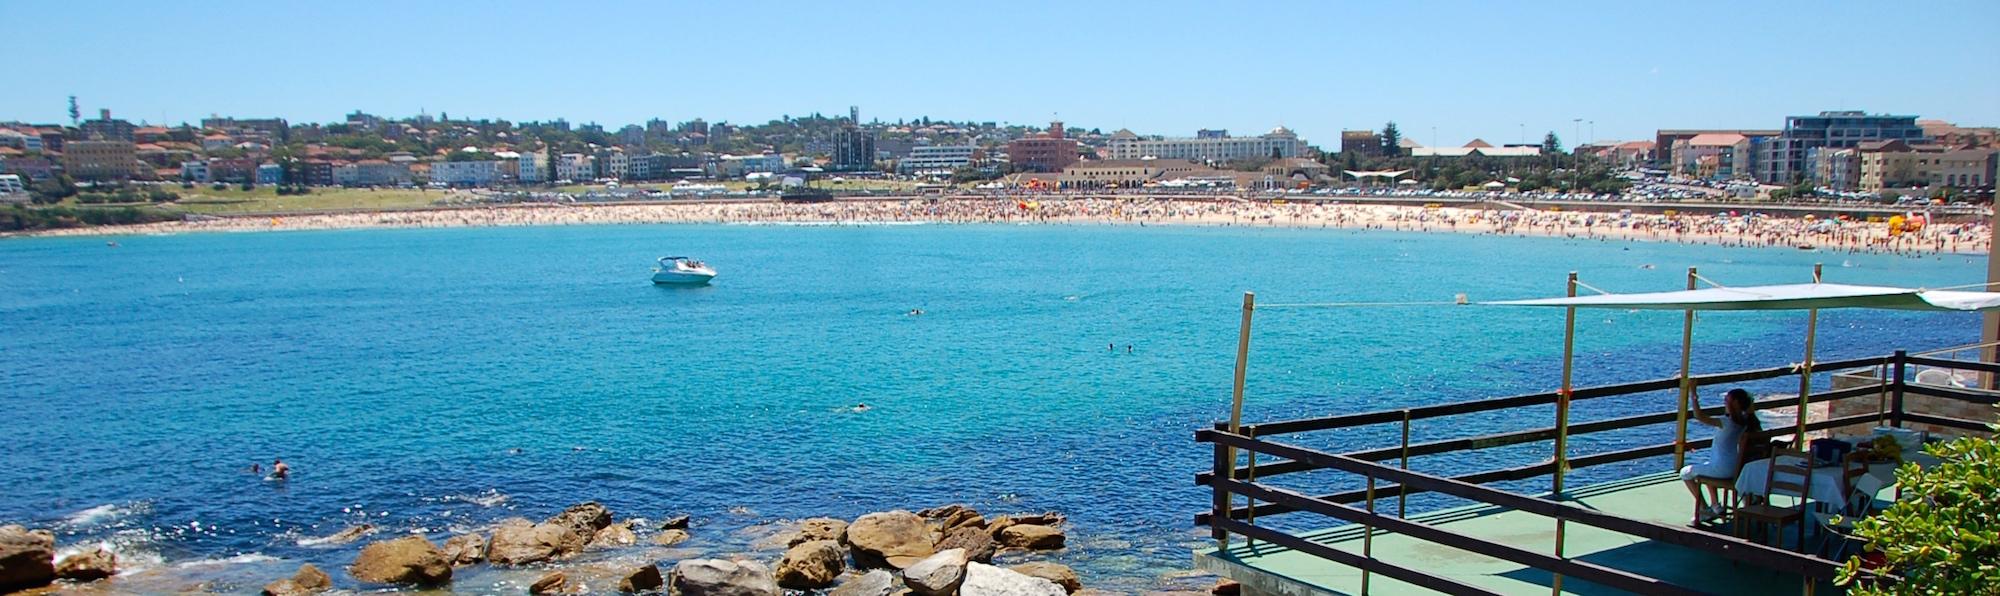 Bondi Beach, Sidney